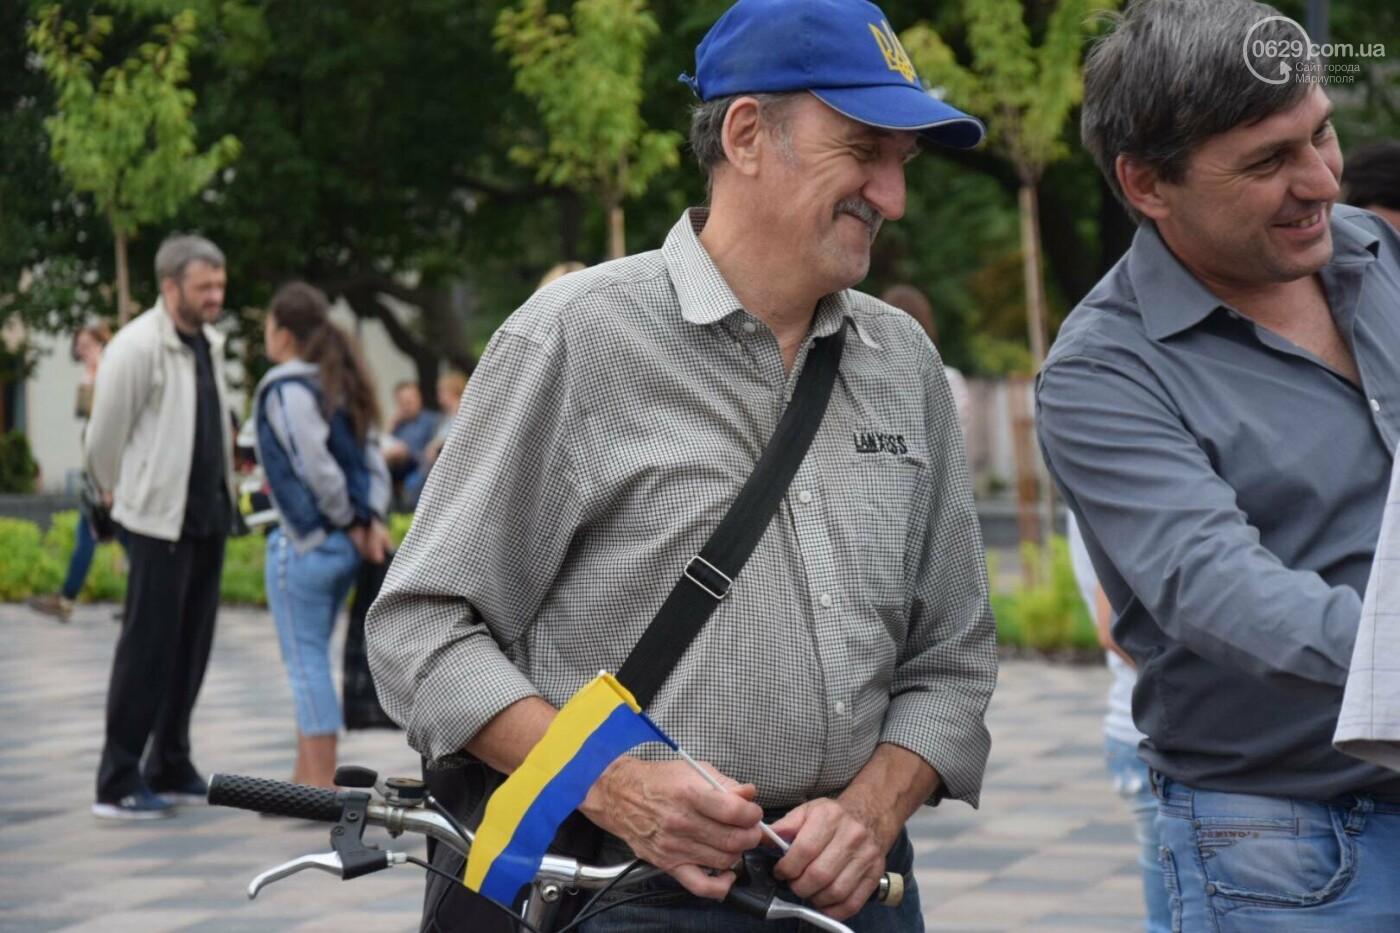 В Мариуполе радостно встретили Закон об украинском языке, - ФОТО, фото-9